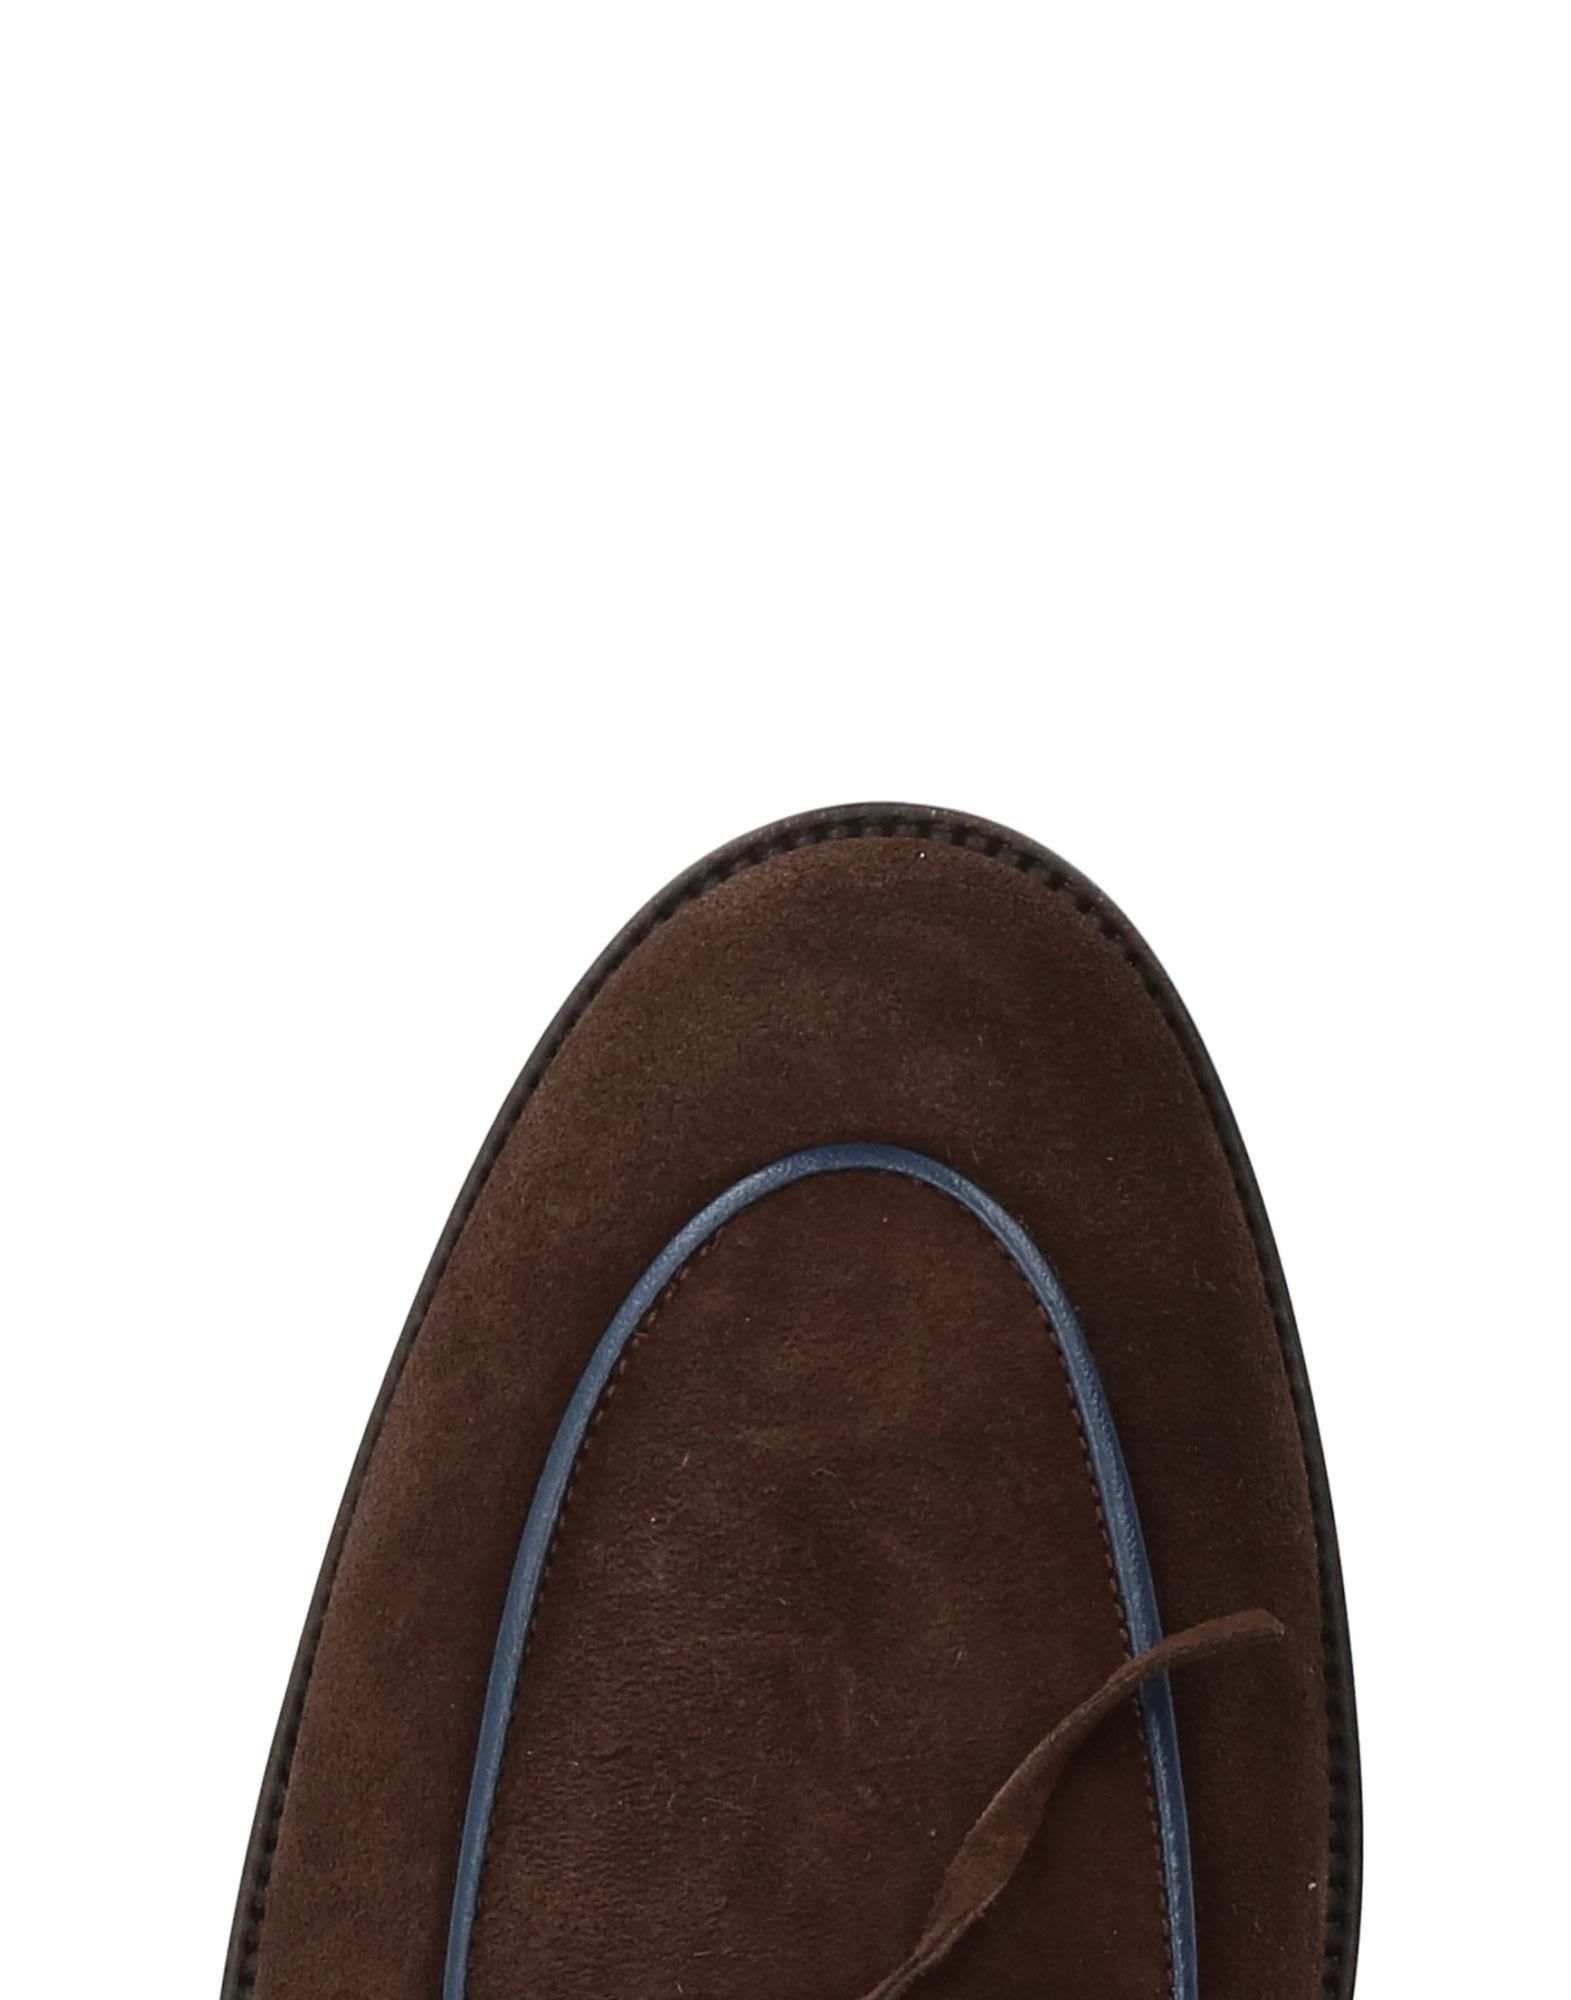 Belsire Mokassins Schuhe Herren  11338739PK Heiße Schuhe Mokassins 7b2b6c